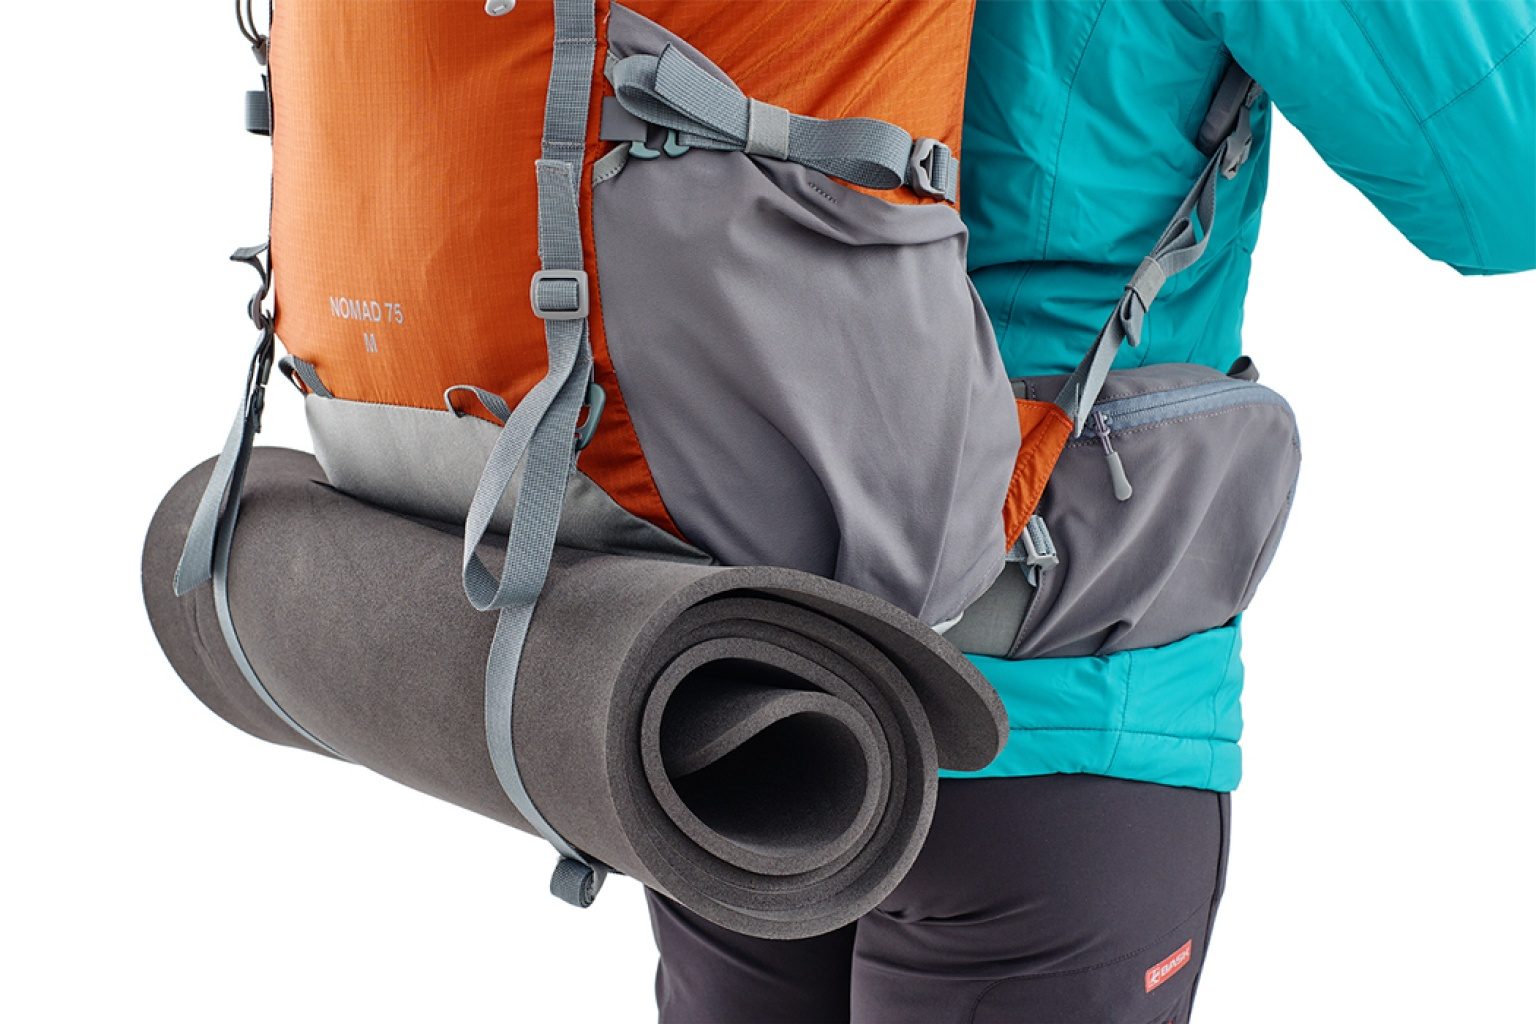 BASK Съемные нижние затяжки (2шт.) для серии рюкзаков NOMAD 1499Разные аксессуары<br><br><br>Вес граммы: 34<br>Материал изготовления: Полиамид 100%<br>Цвет: СЕРЫЙ